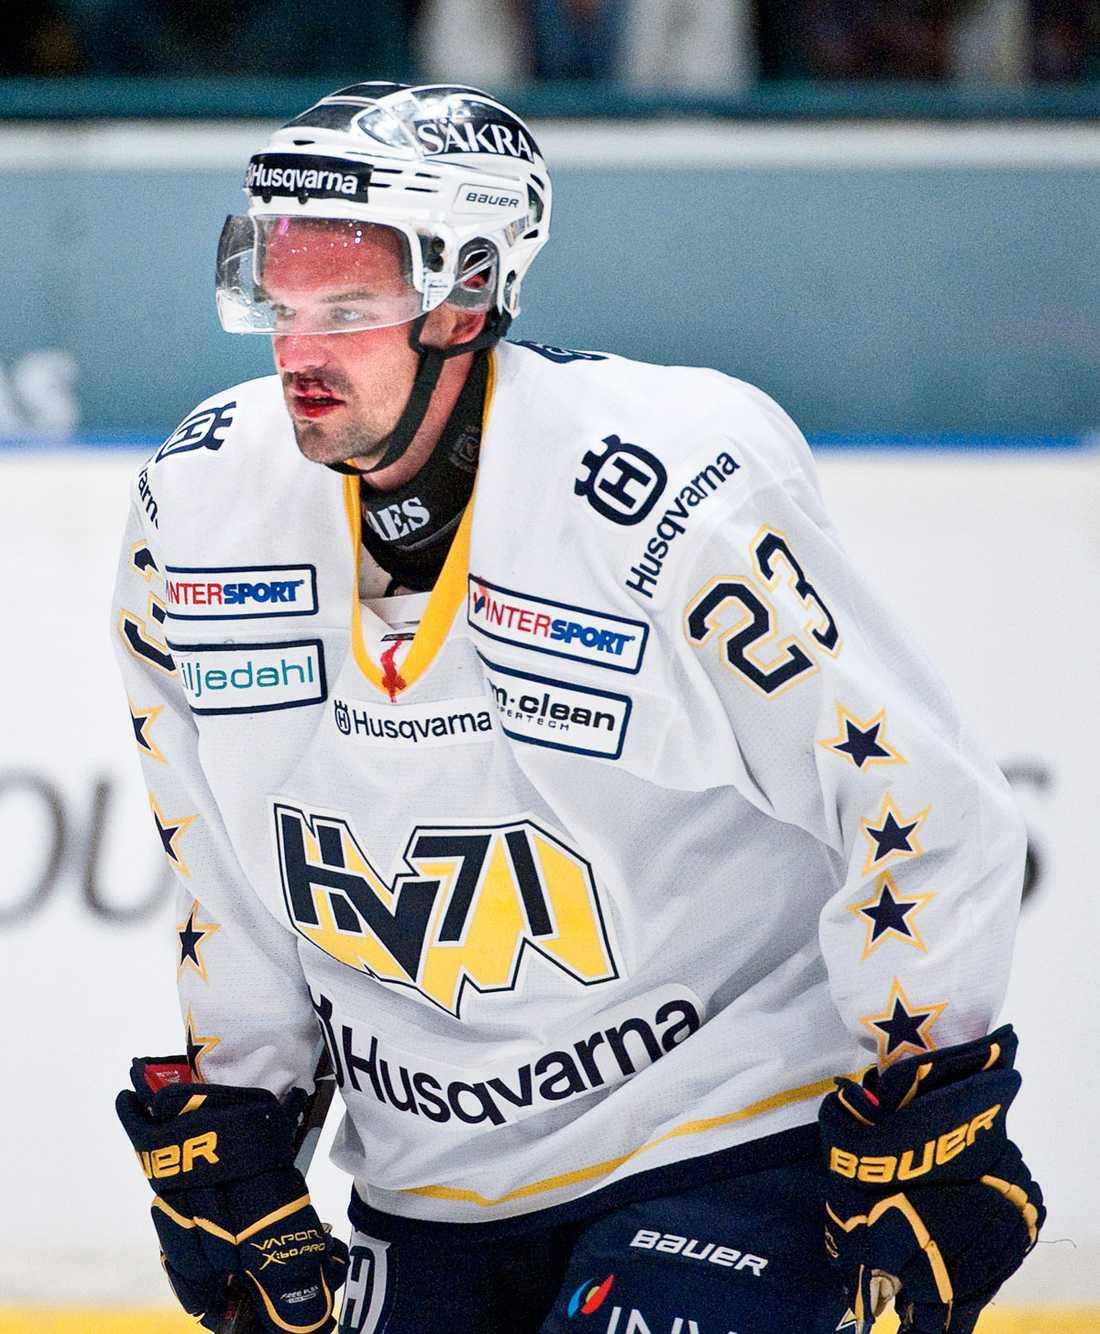 Fredrik Bremberg är bänkad för andra matchen i rad i kväll. Stjärnvärvningen, som enligt uppgifter kostar tio miljoner kronor för två säsonger, har hittills blivit en flopp för HV 71.